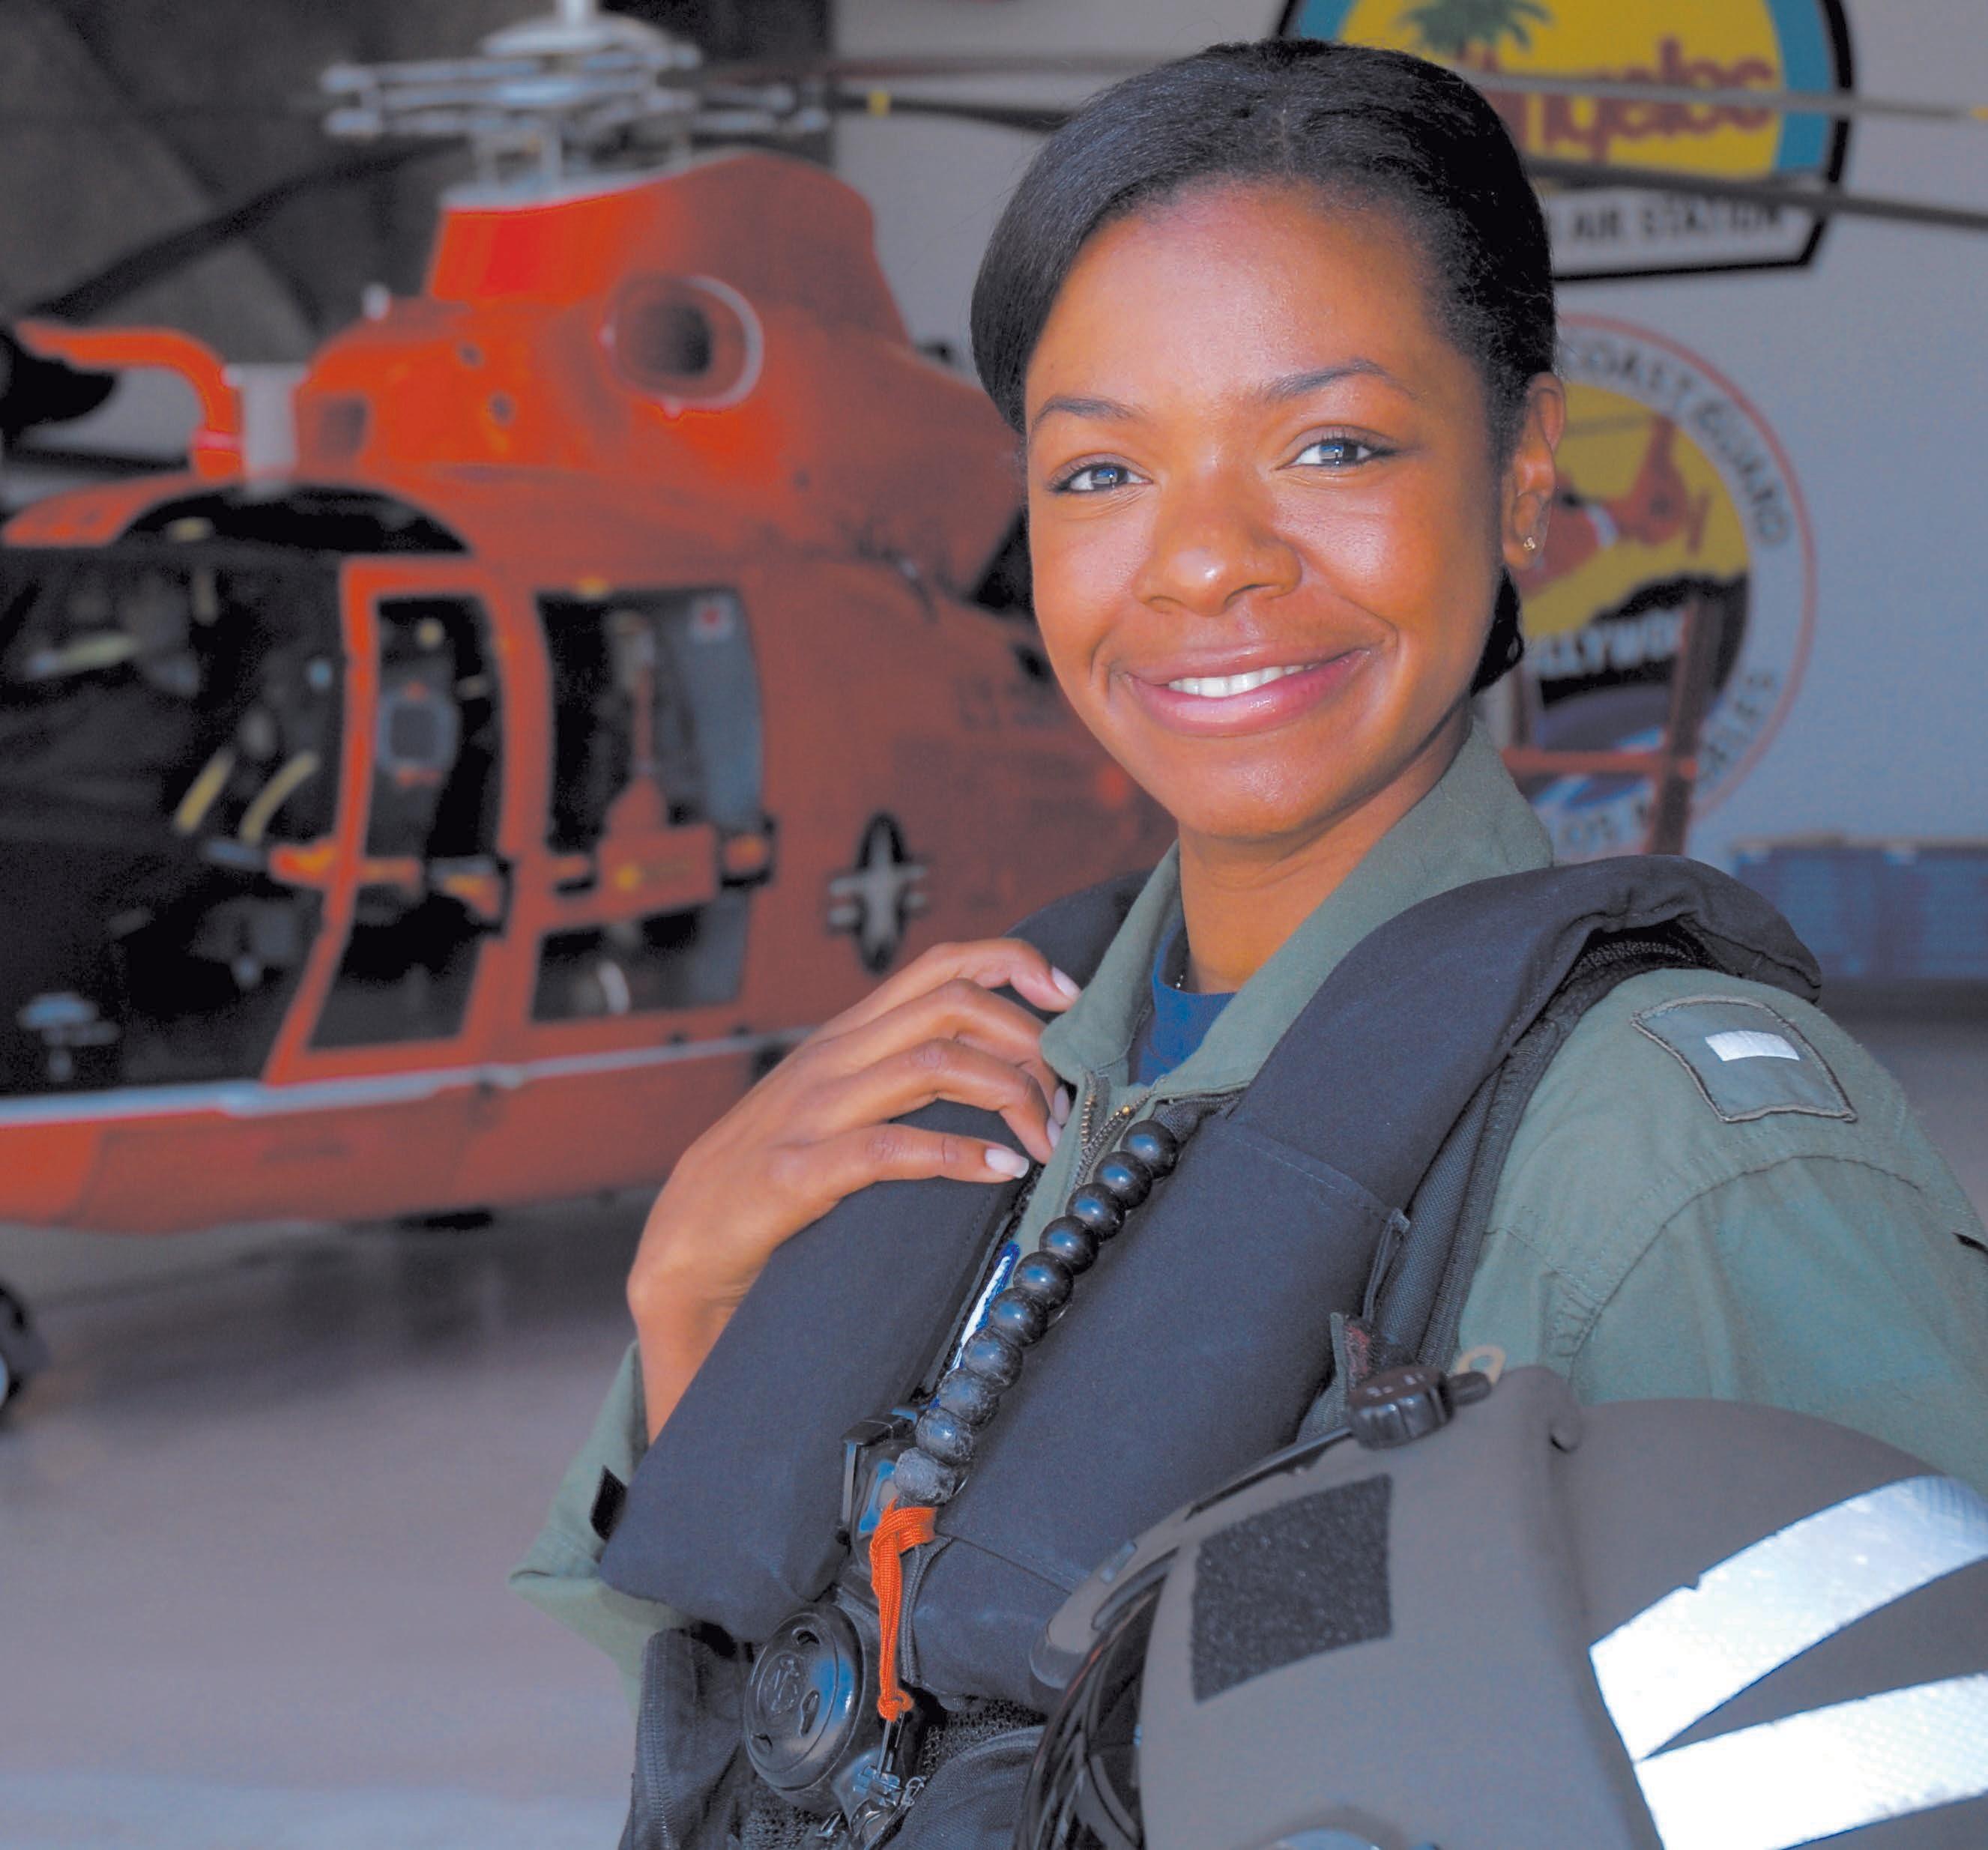 Lt. La'Shanda Holmes